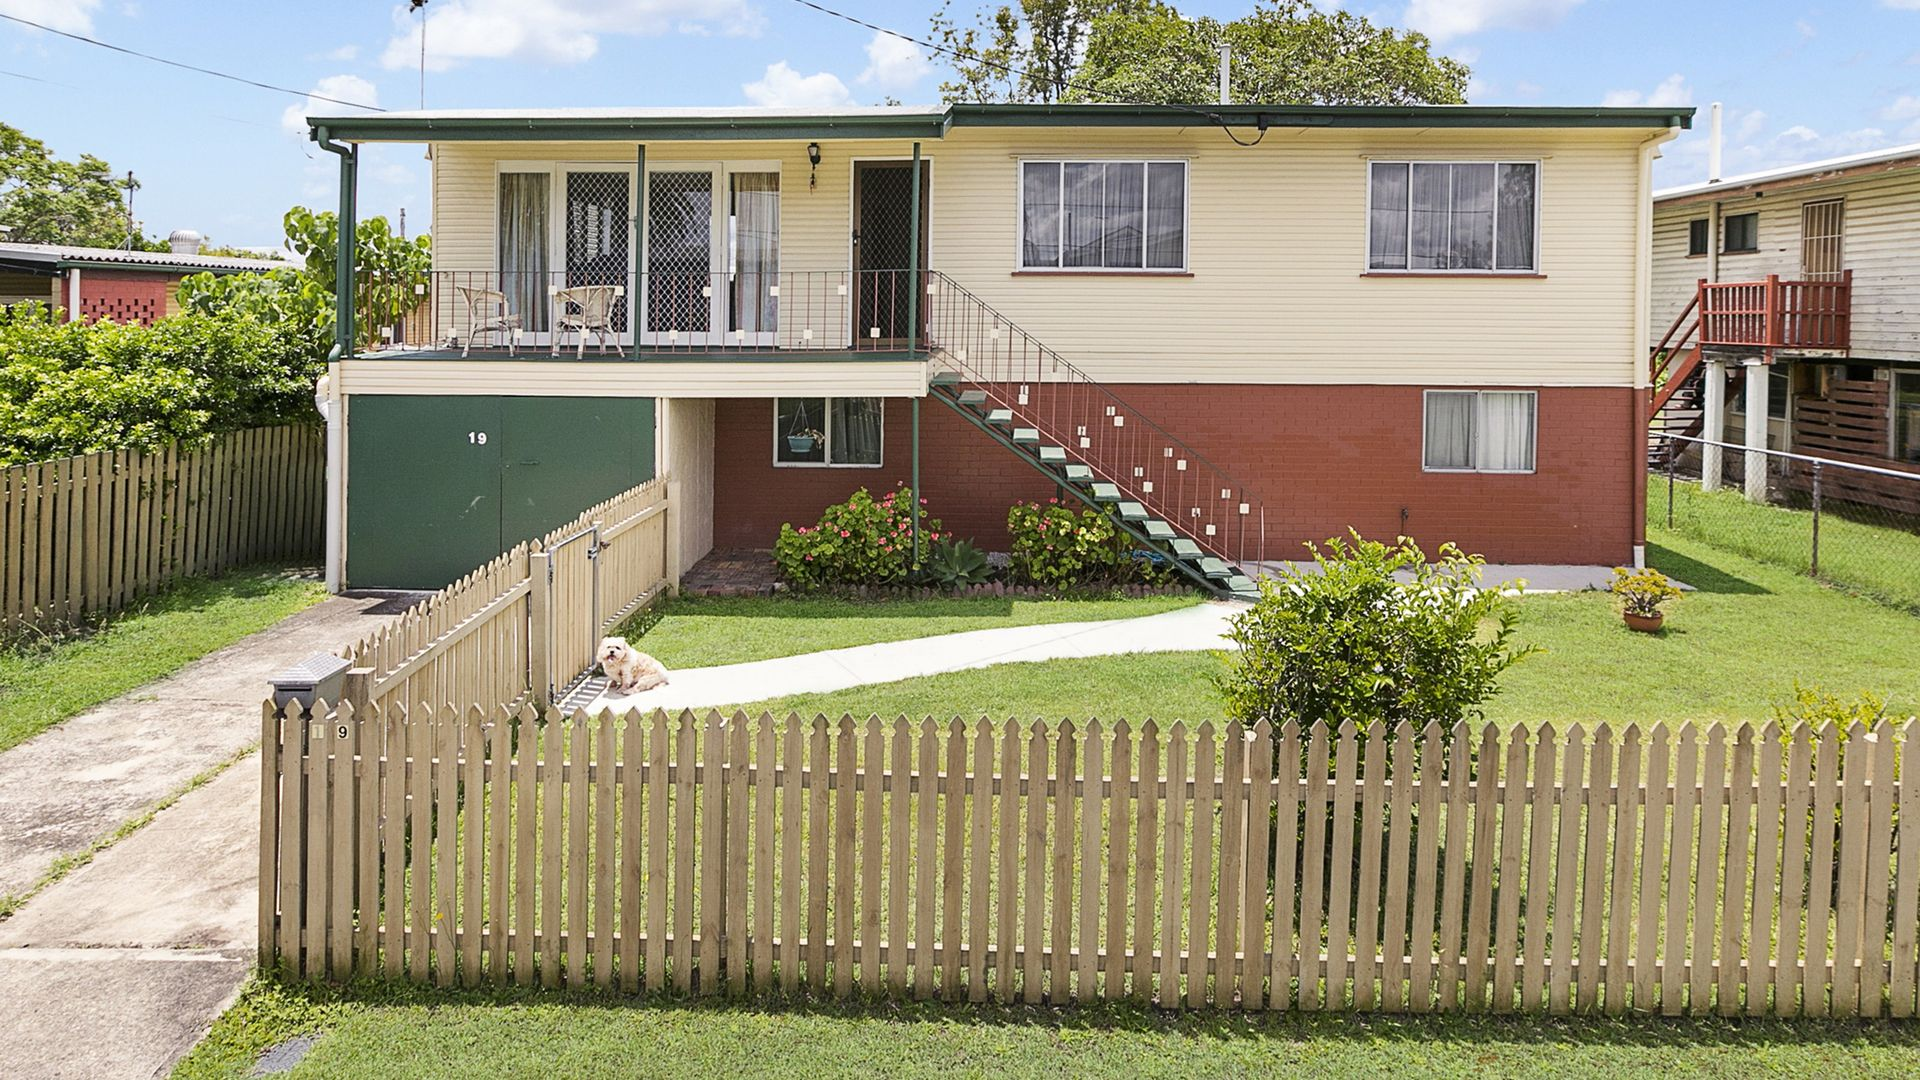 19 Kawana Street, Archerfield QLD 4108, Image 1